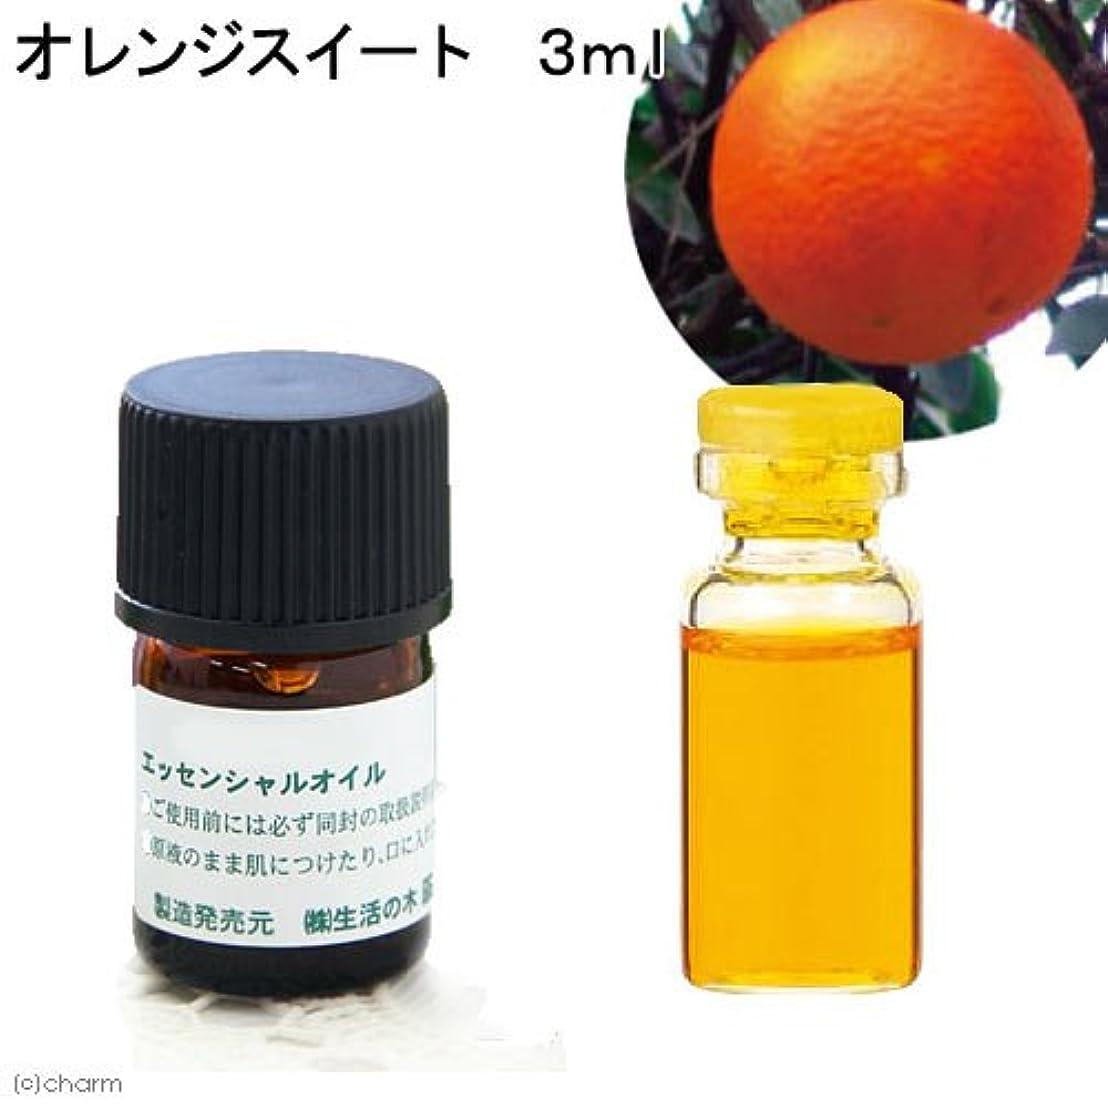 なぞらえる自由影響を受けやすいです生活の木 オレンジスイート 3ml